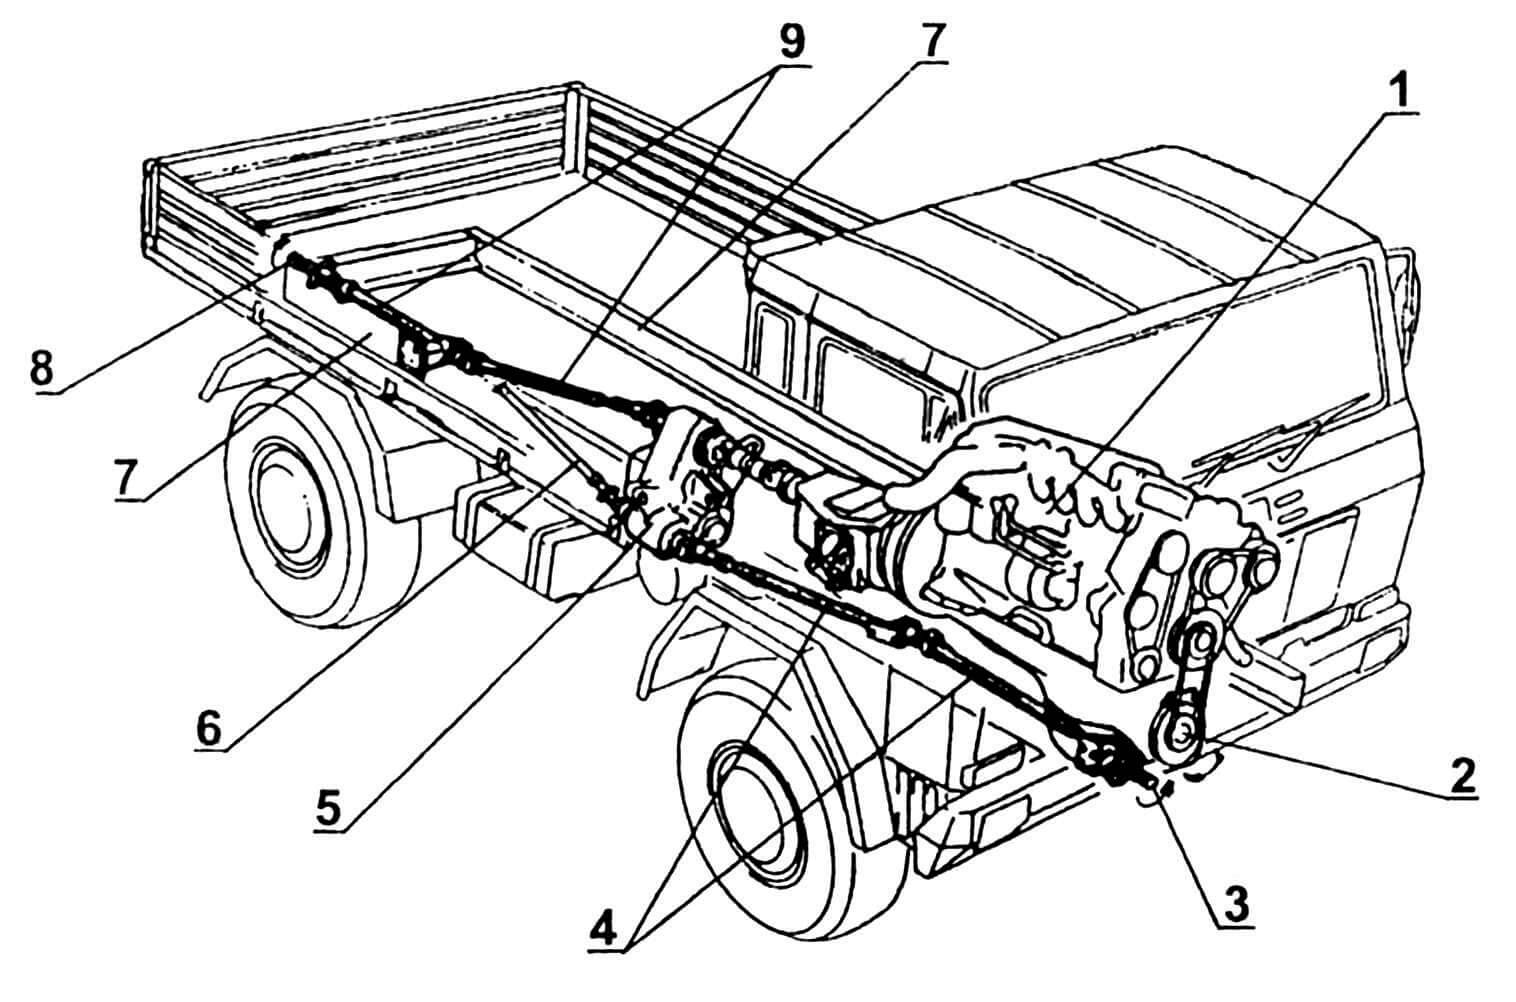 Схема вариантов отбора мощности от двигателя для привода дополнительного (навесного) оборудования: 1 — двигатель; 2 — вал выходной непосредственного привода от двигателя; 3 — вал выходной переднего привода; 4 — валы карданные переднего привода; 5 — коробка отбора мощности; 6 — вариант подсоединения карданного вала заднего привода; 7 — лонжероны рамы; 8 — вал выходной заднего привода; 9 — валы карданные заднего привода.